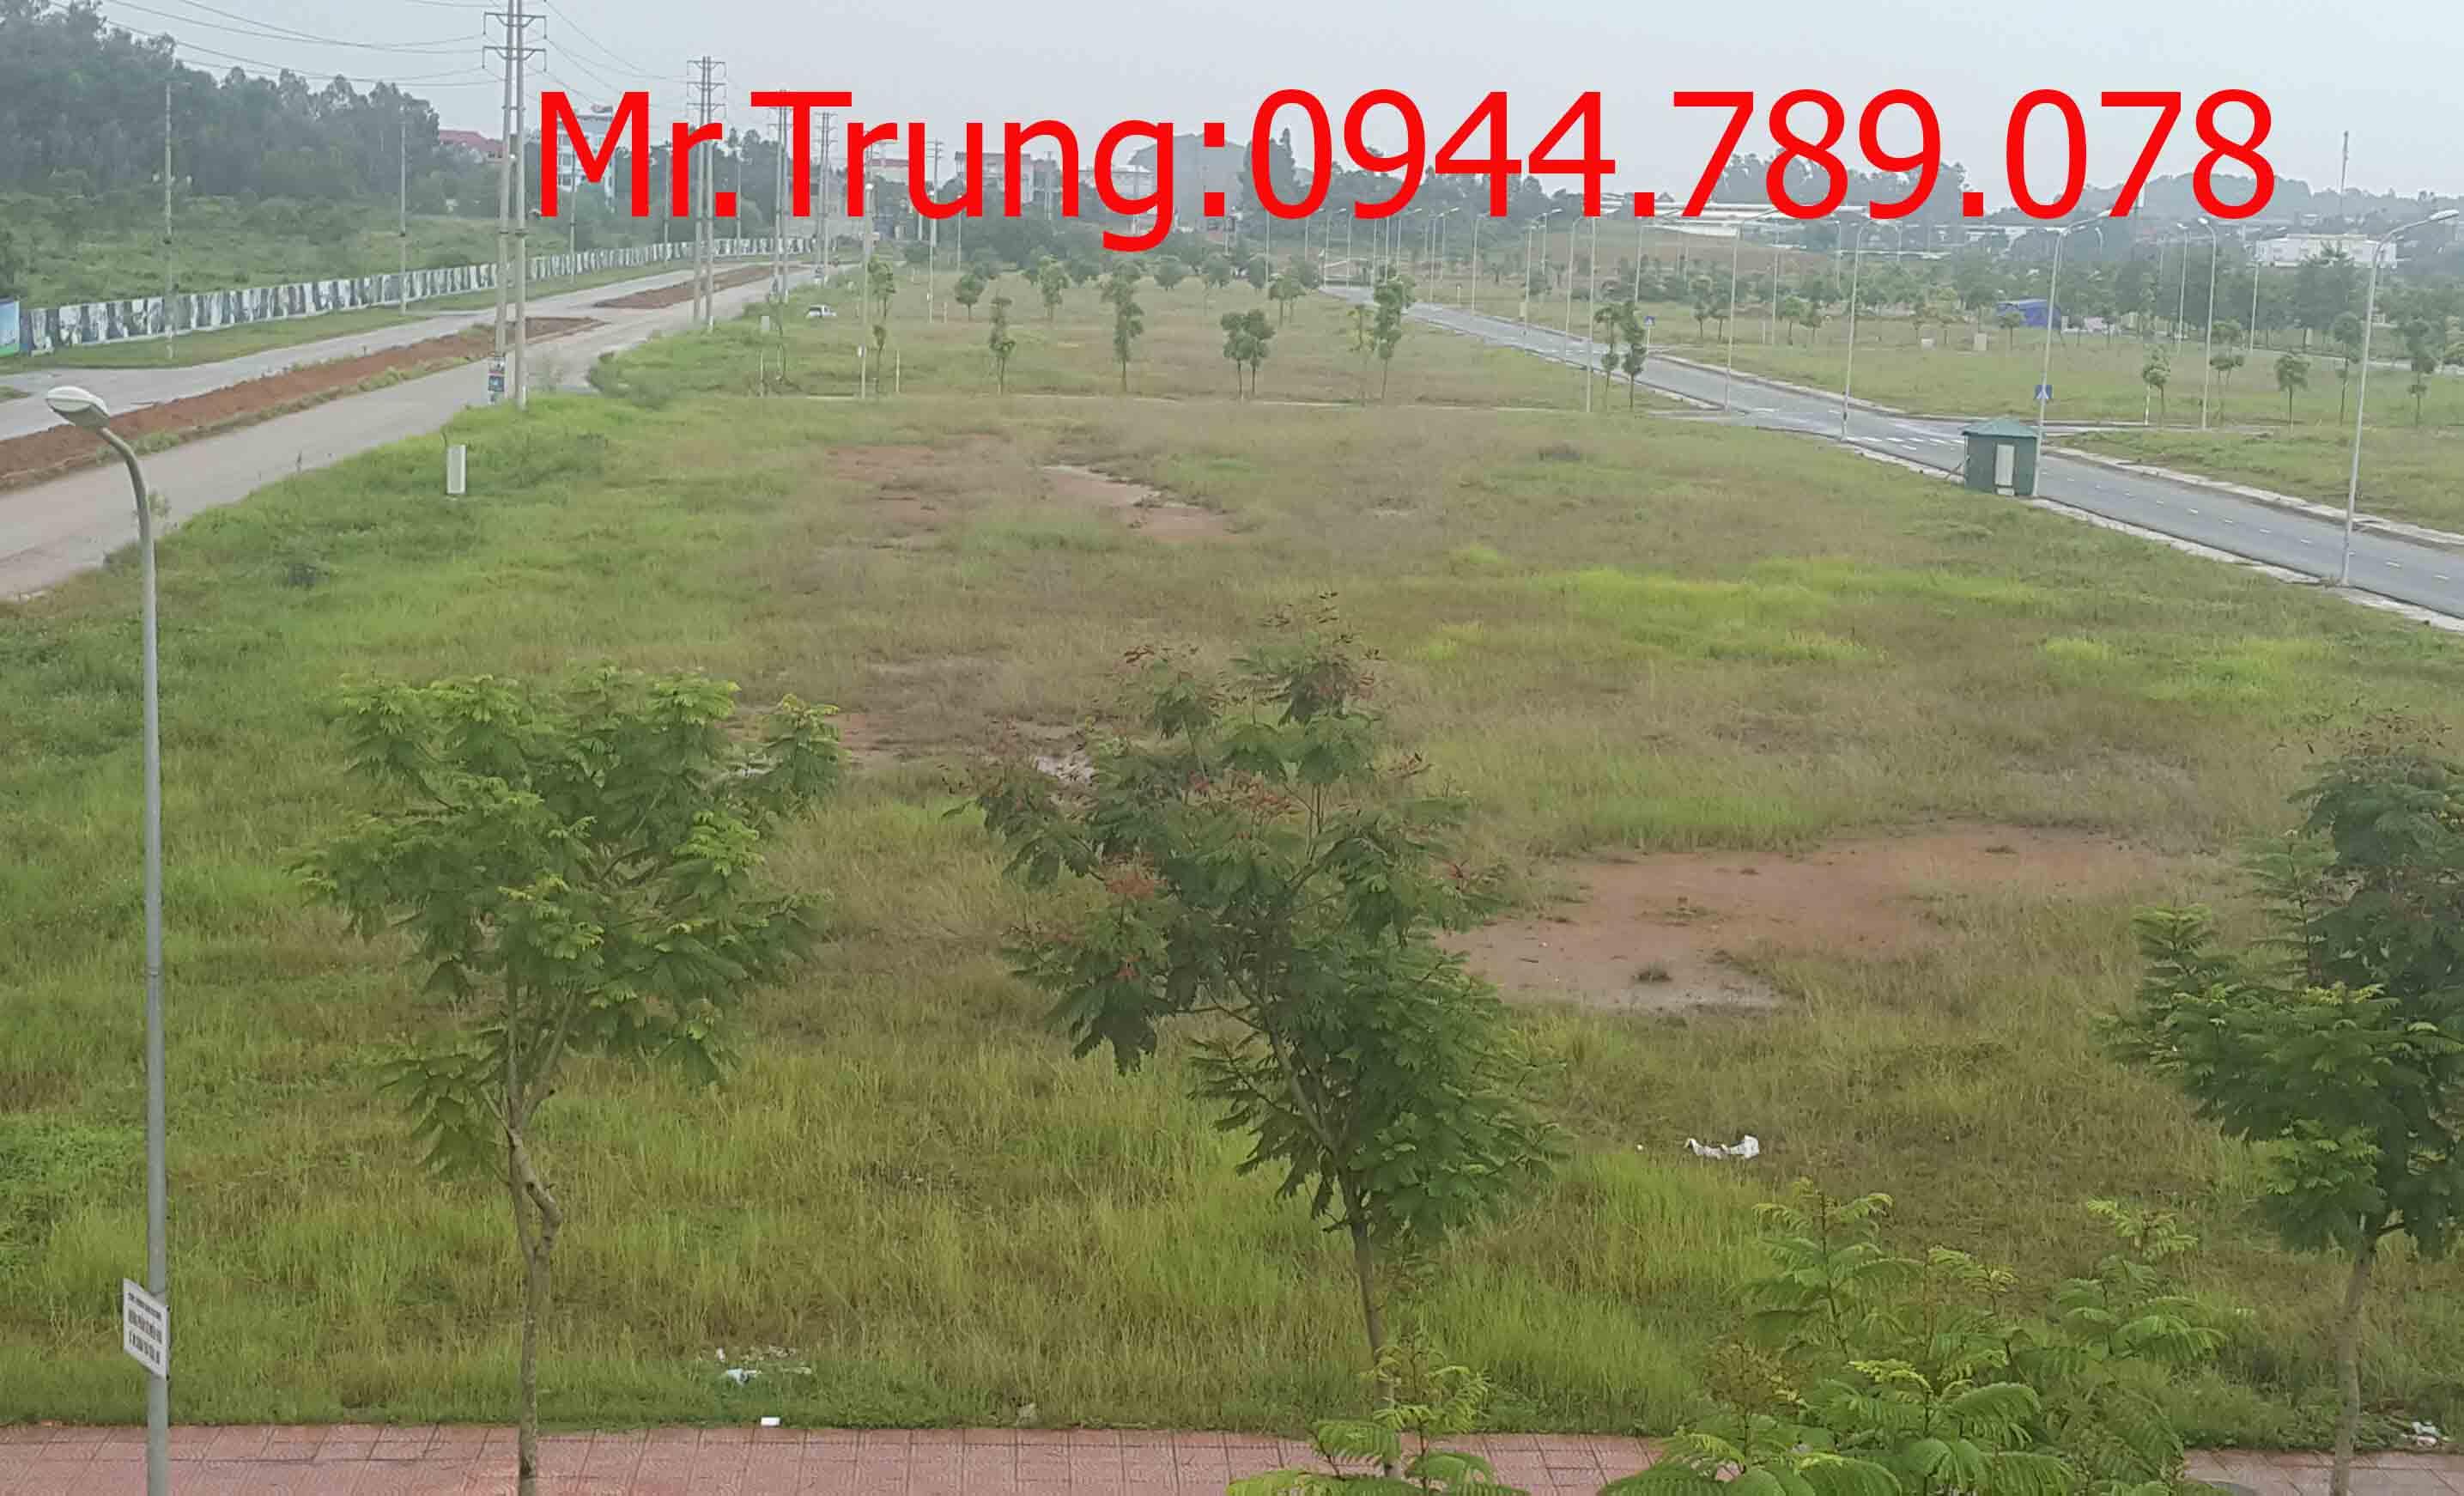 Bán đất khu đô thị nam vĩnh yên diện tích từ 160m2 đến 500m2 với giá chỉ từ 8,11 triệu/m2